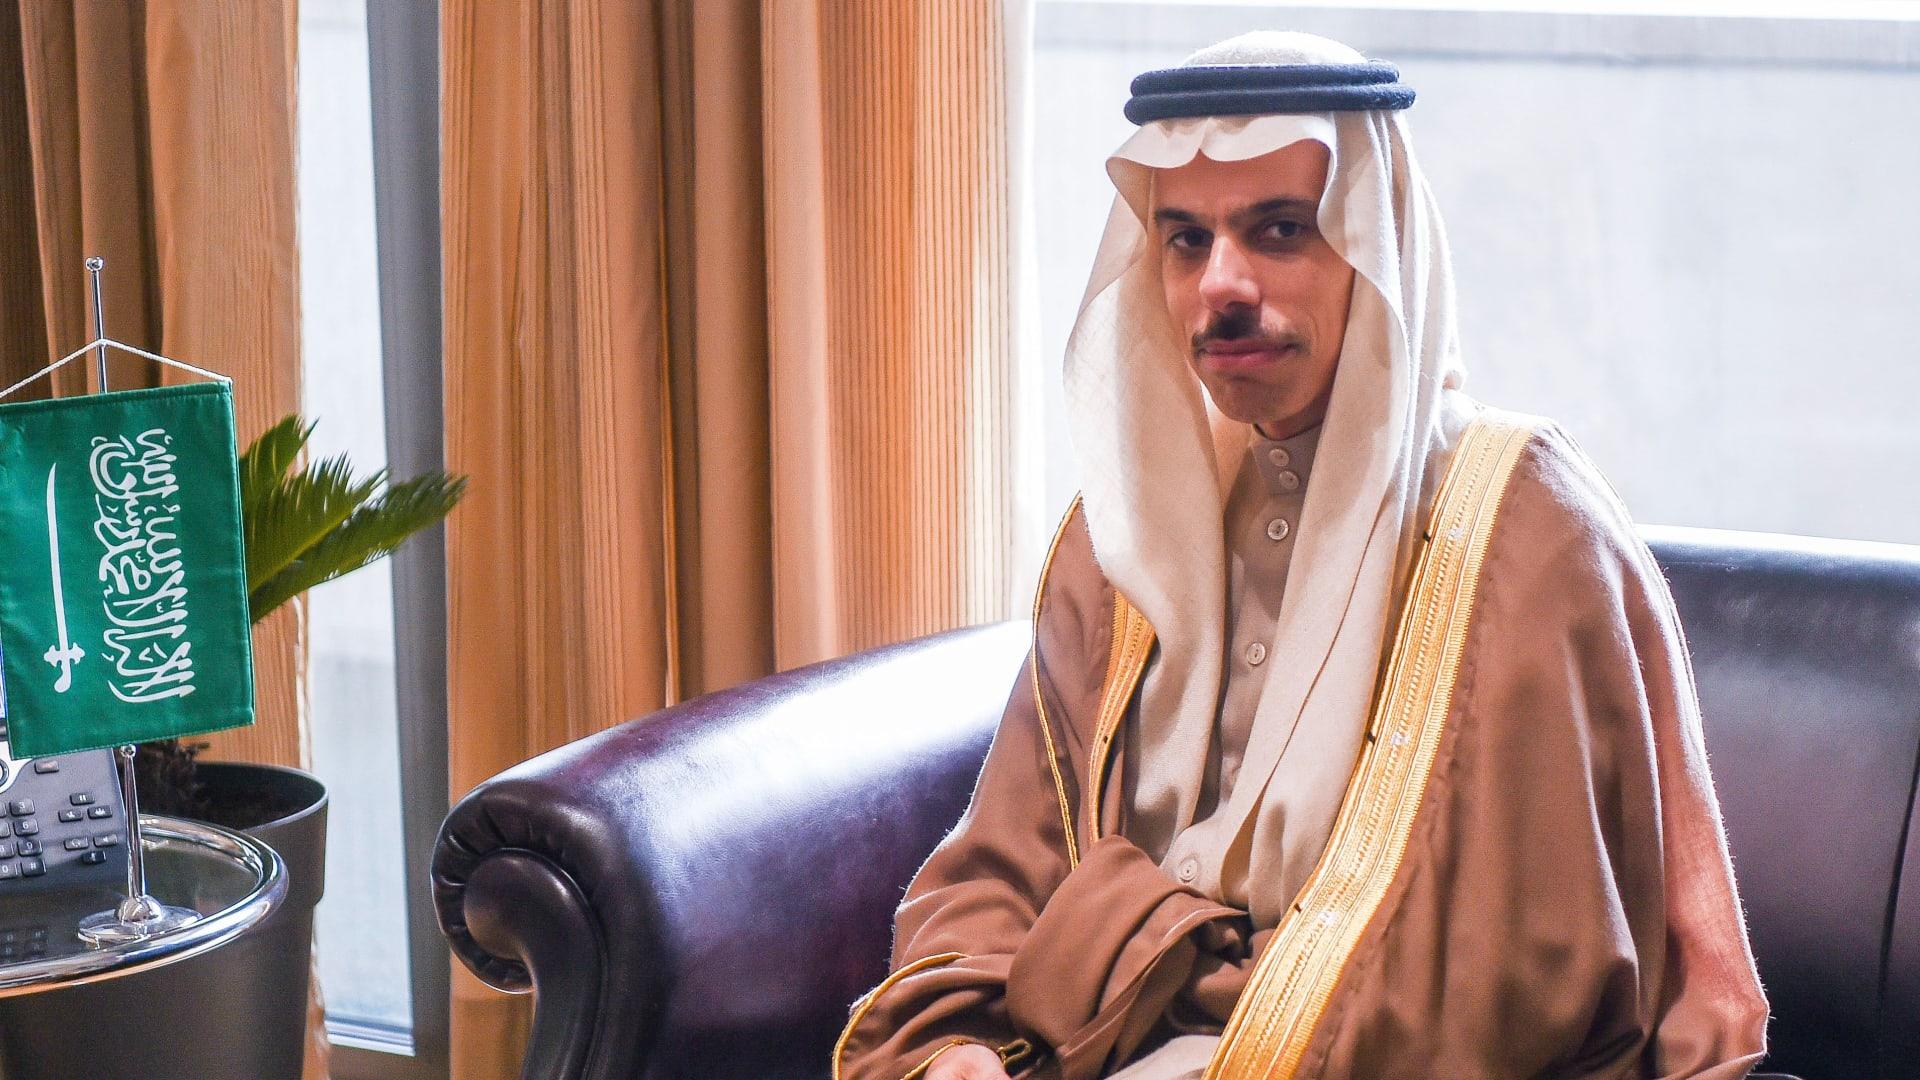 وزير الخارجية السعودي يزور قطر.. والدوحة تعرب عن تأييدها للمملكة بقضية المخدرات